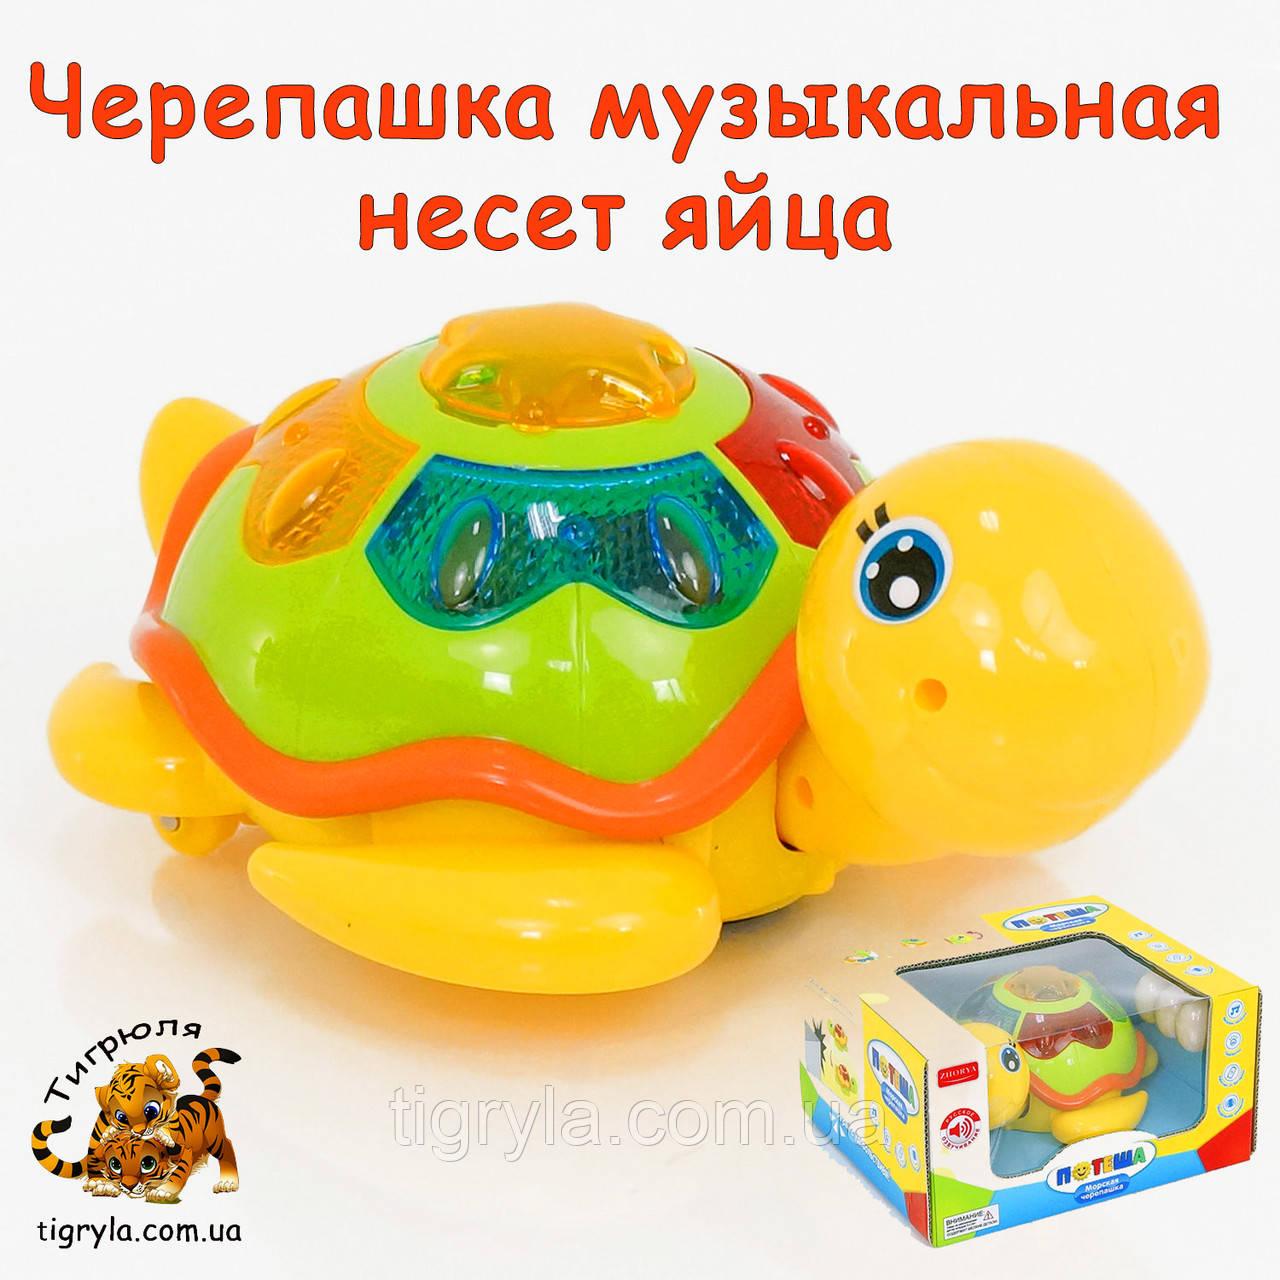 Морская черепашка музыкальная, несет яйца, развивающая игрушка